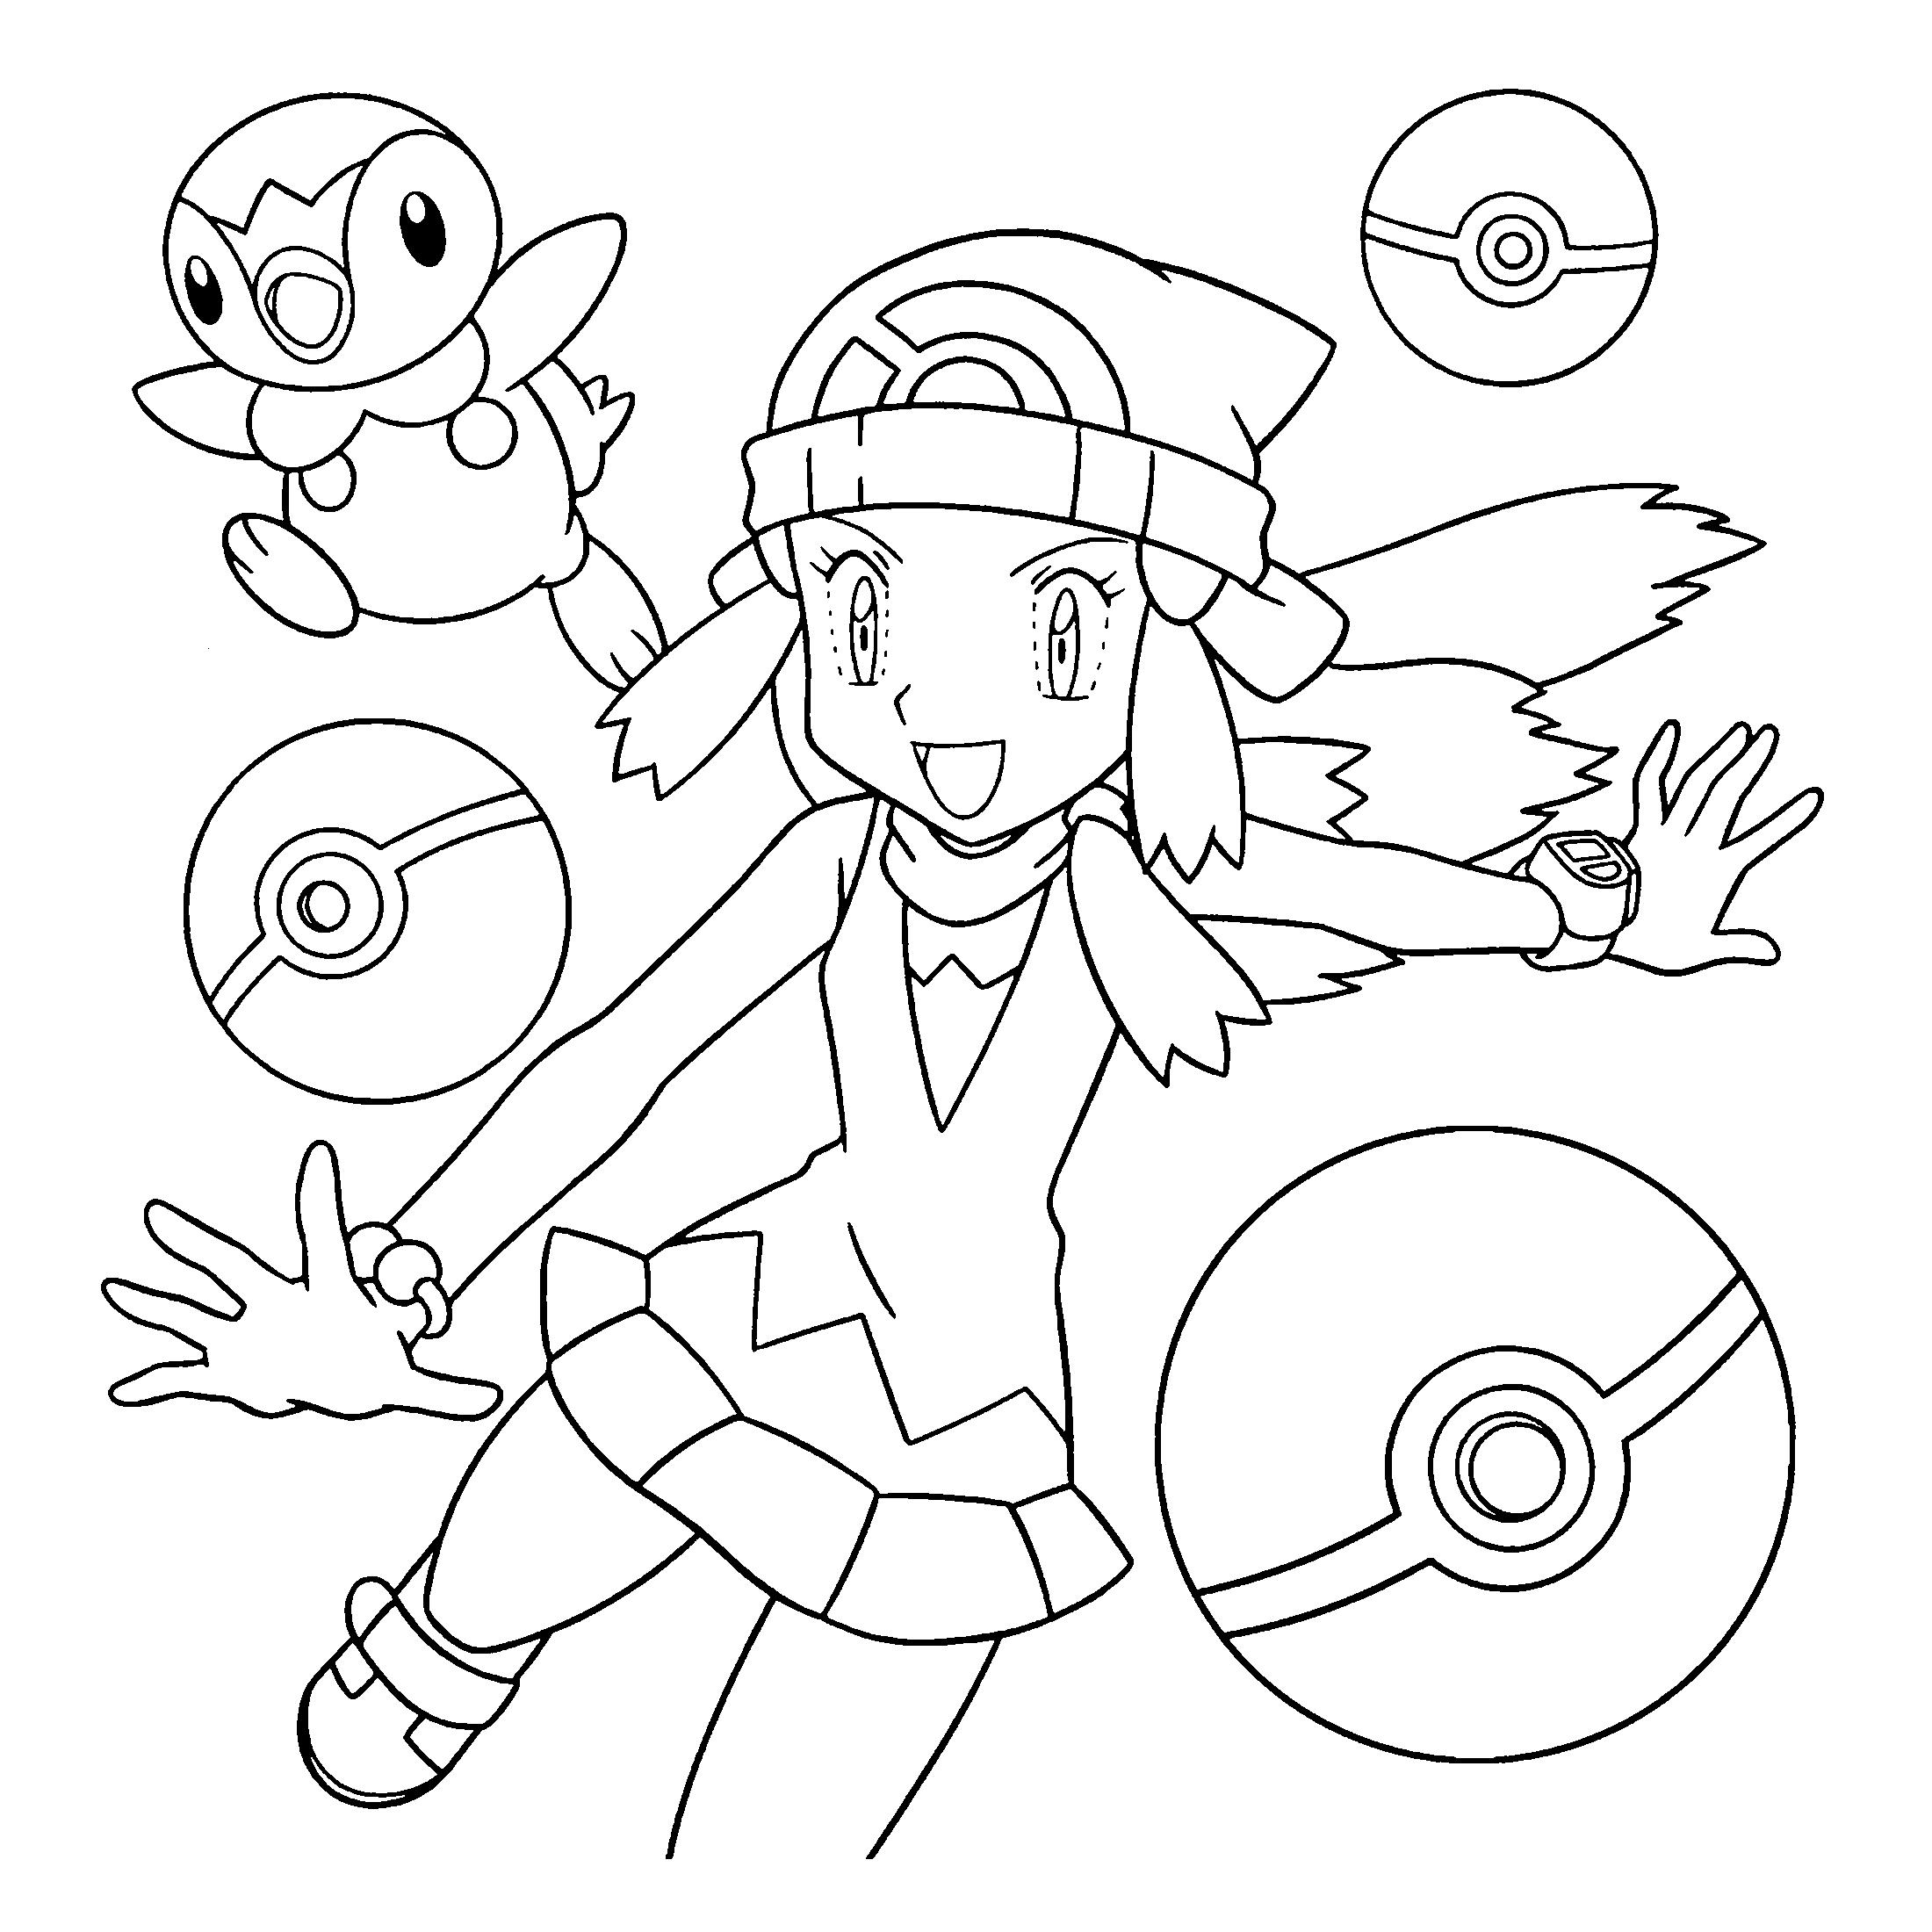 Kleurplaten Tv series kleurplaten Pokemon diamond pearl